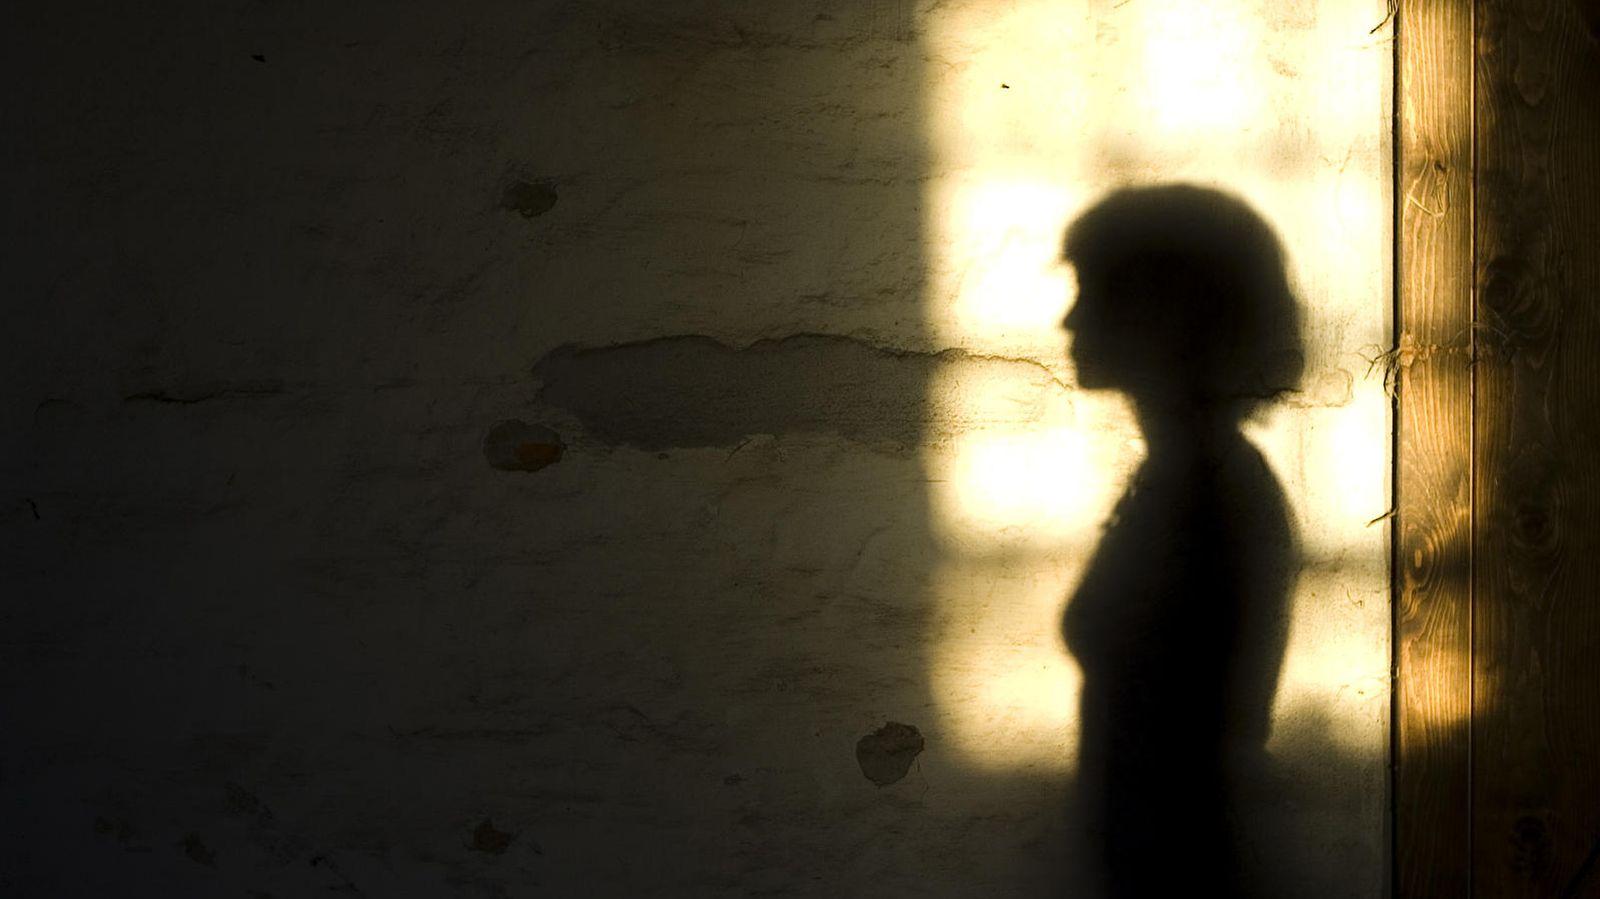 Foto: Desaparecer sin dejar rastro, como si la relación nunca hubiese existido. (iStock)